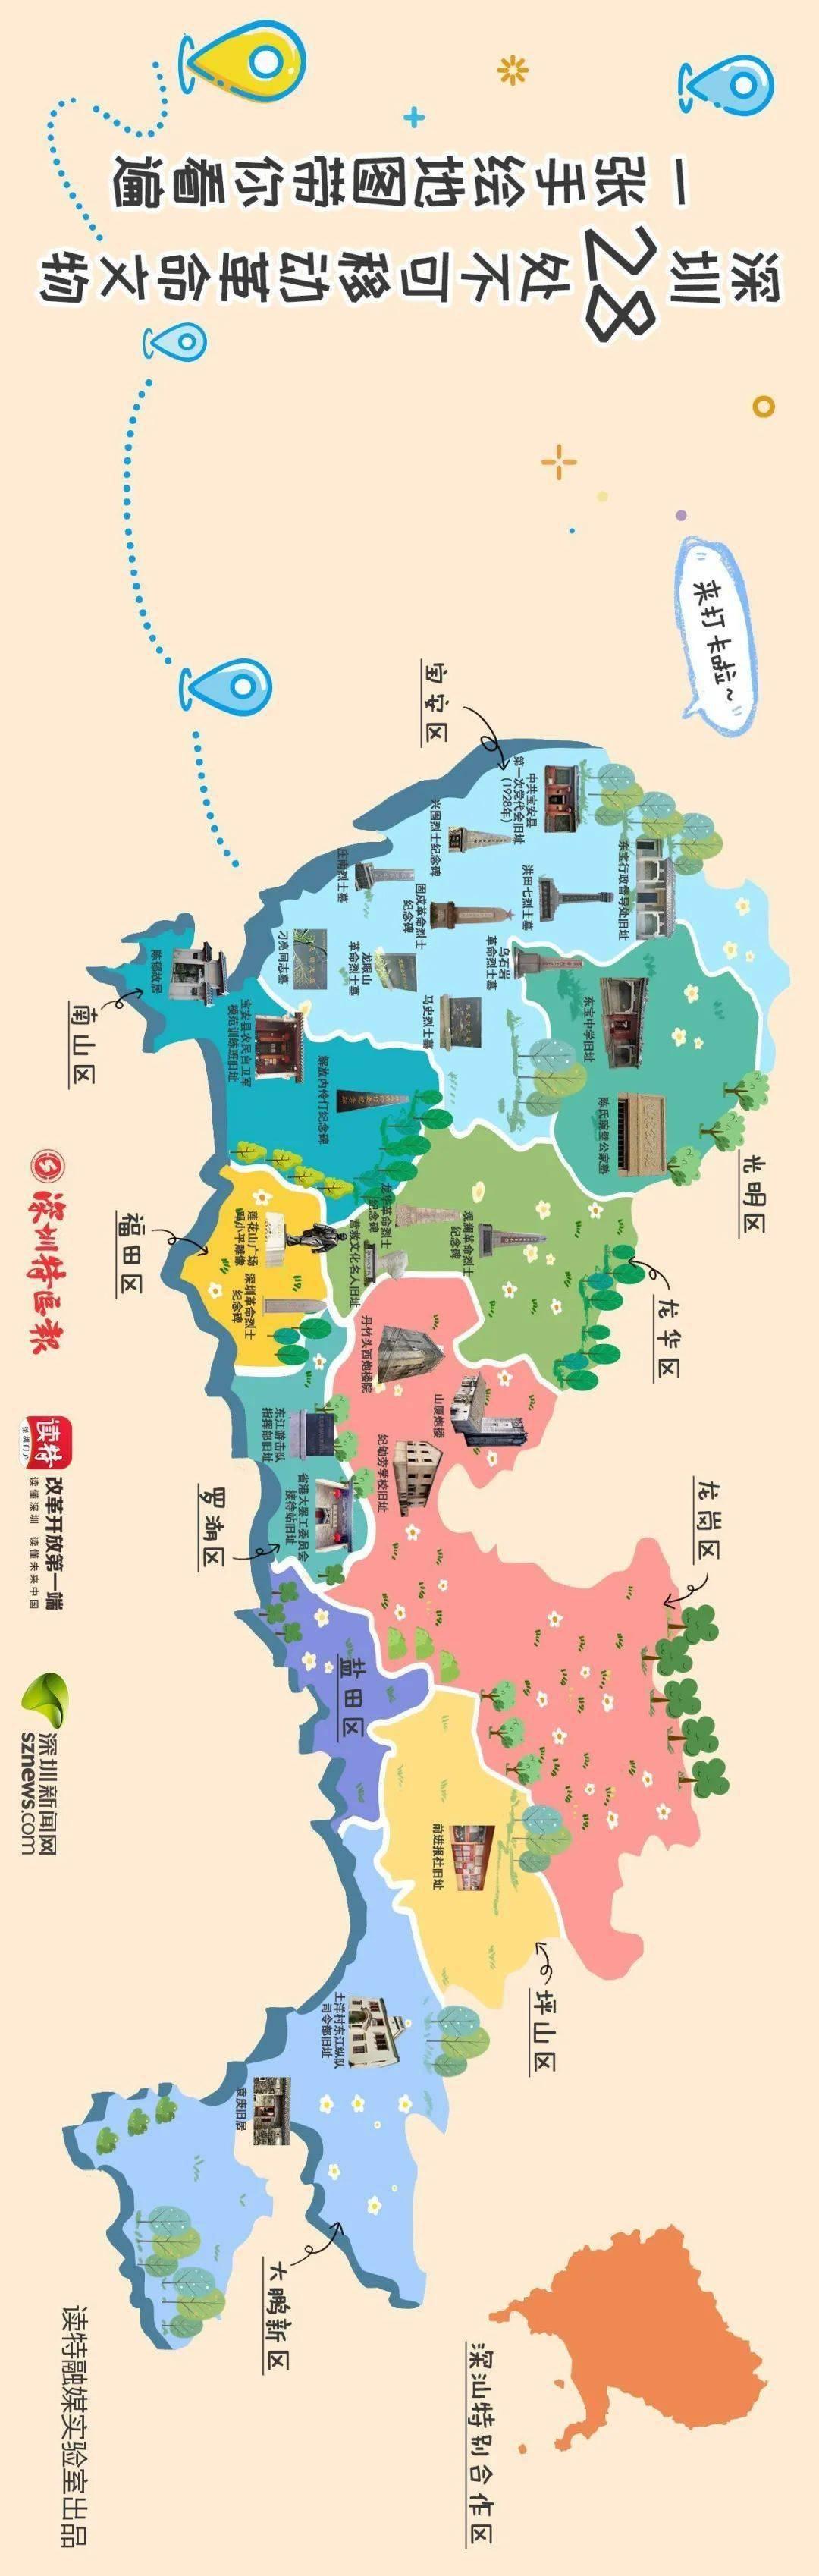 一张手绘地图带你看遍深圳28处红色印记